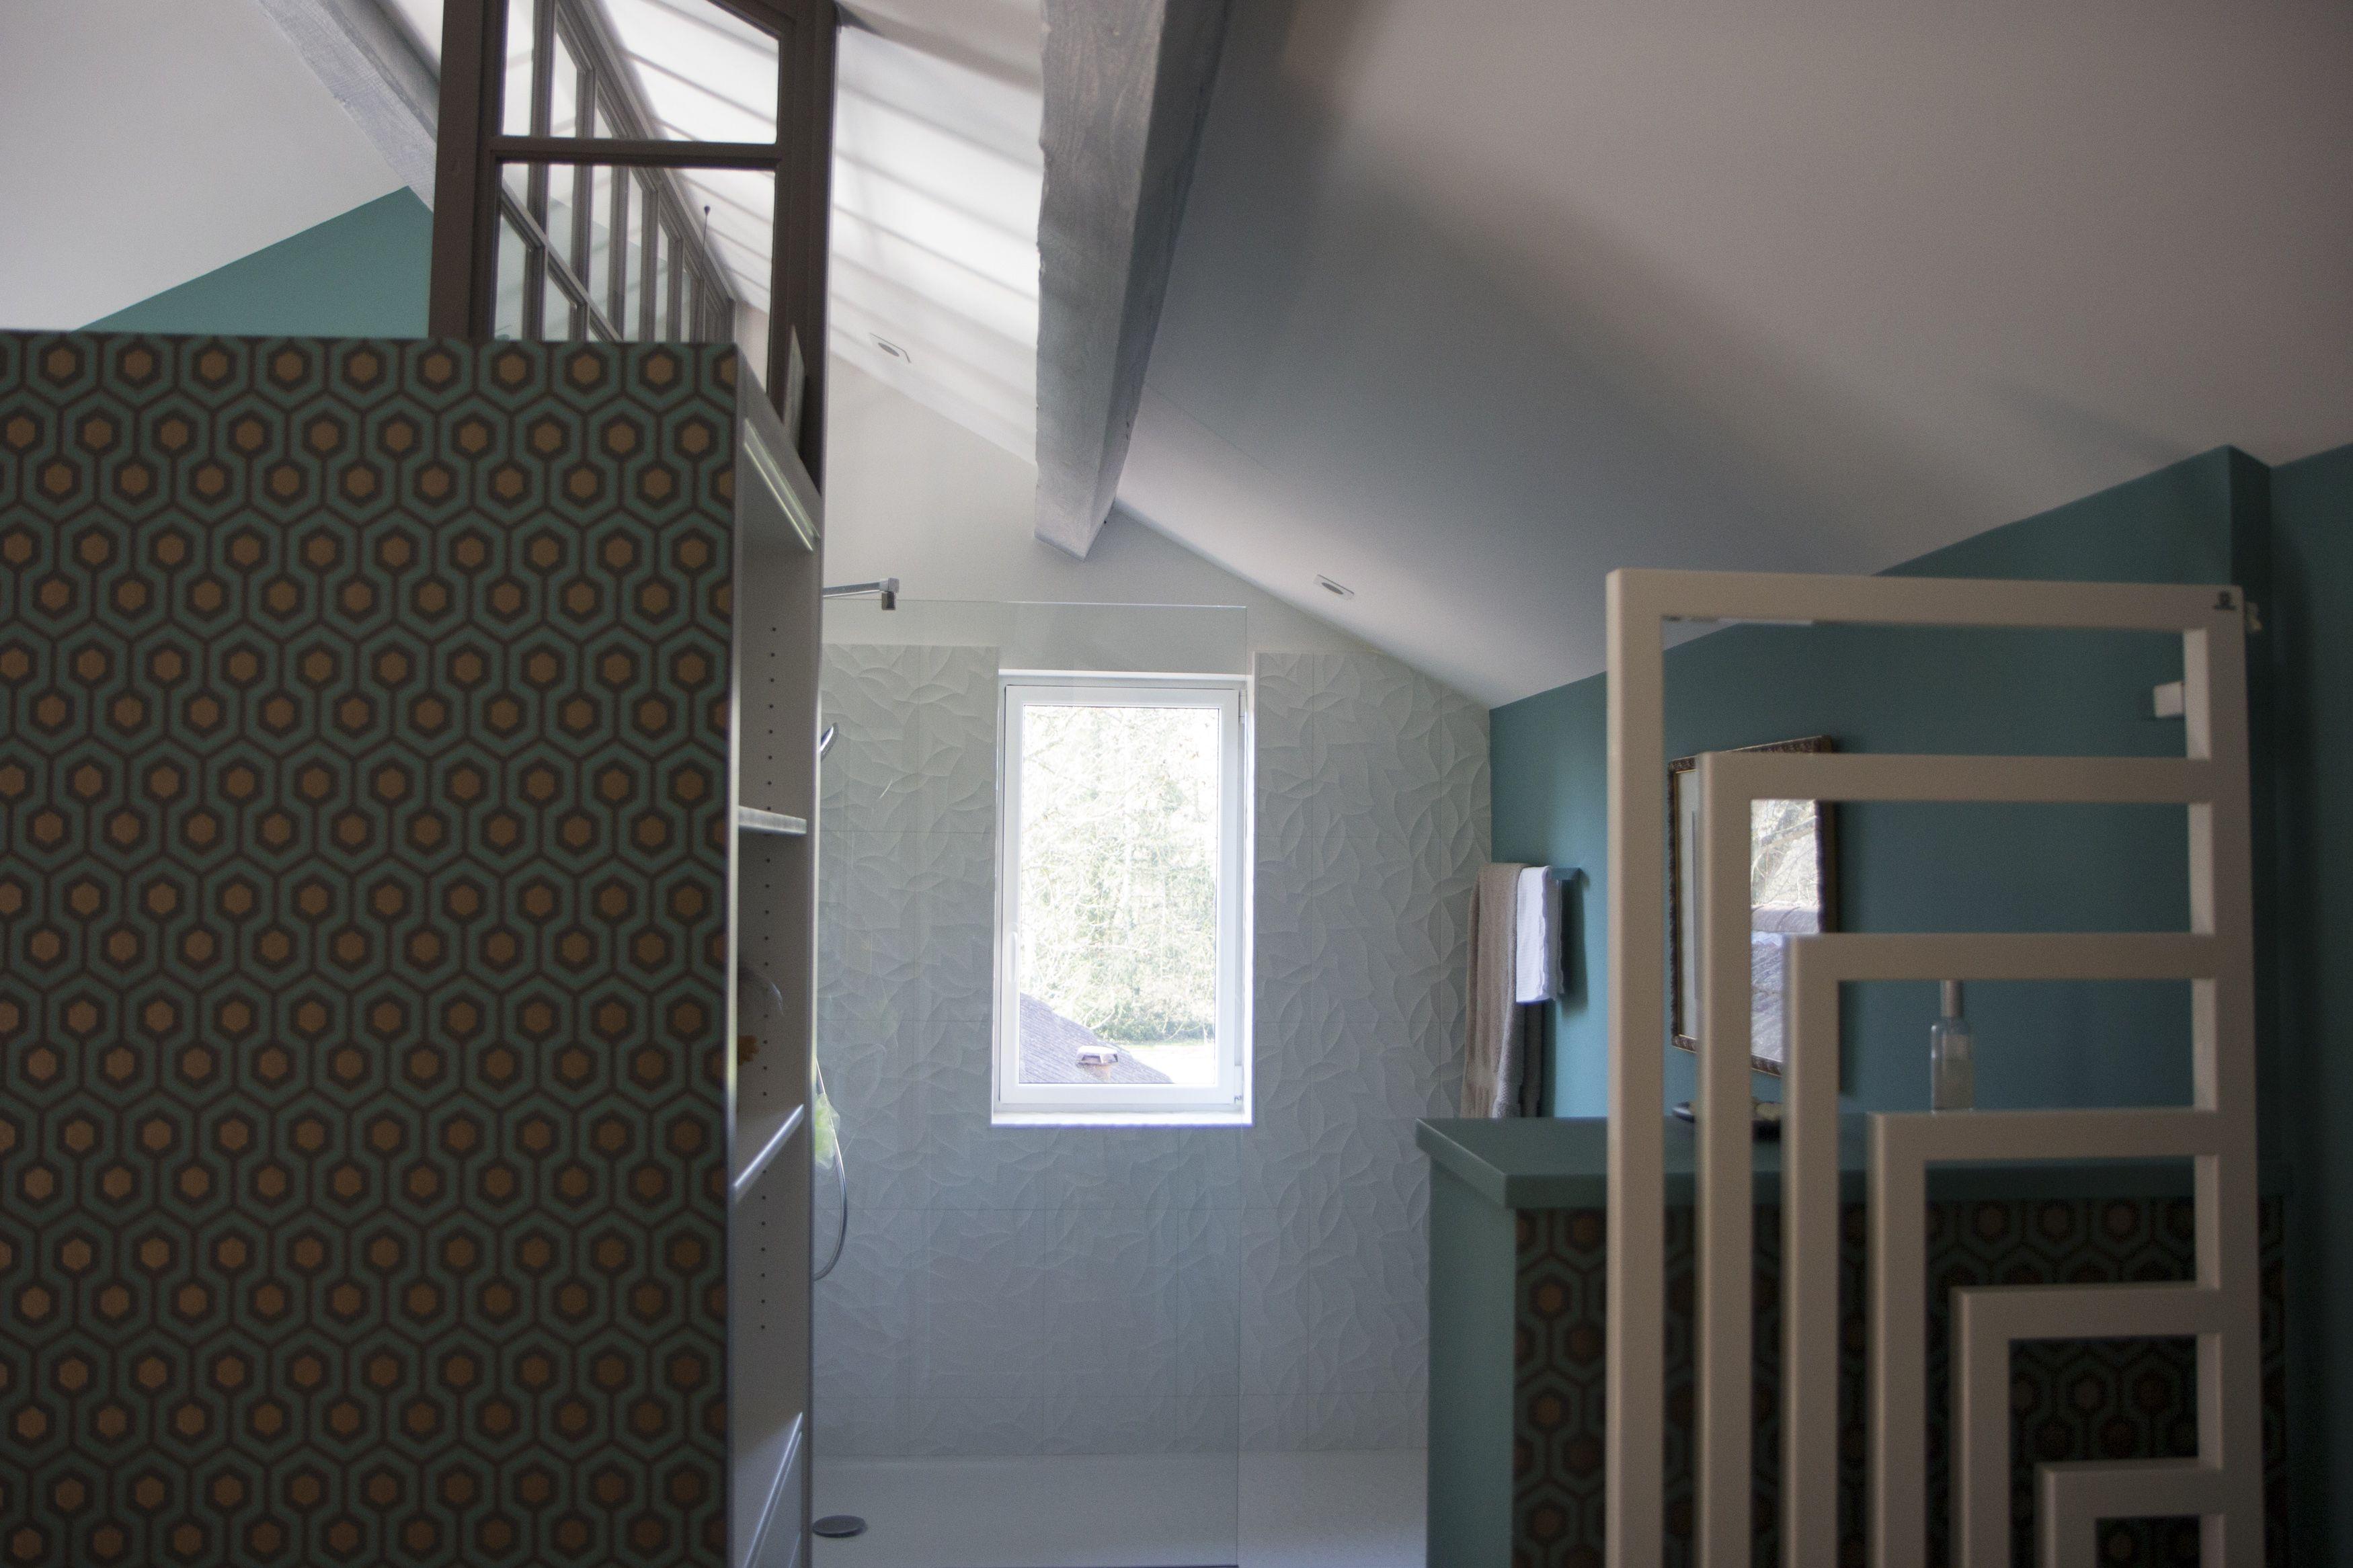 Merveilleux Rénovation Maison De Campagne, Salle De Bain Dans Chambre, Suite Parentale,  Verrière,